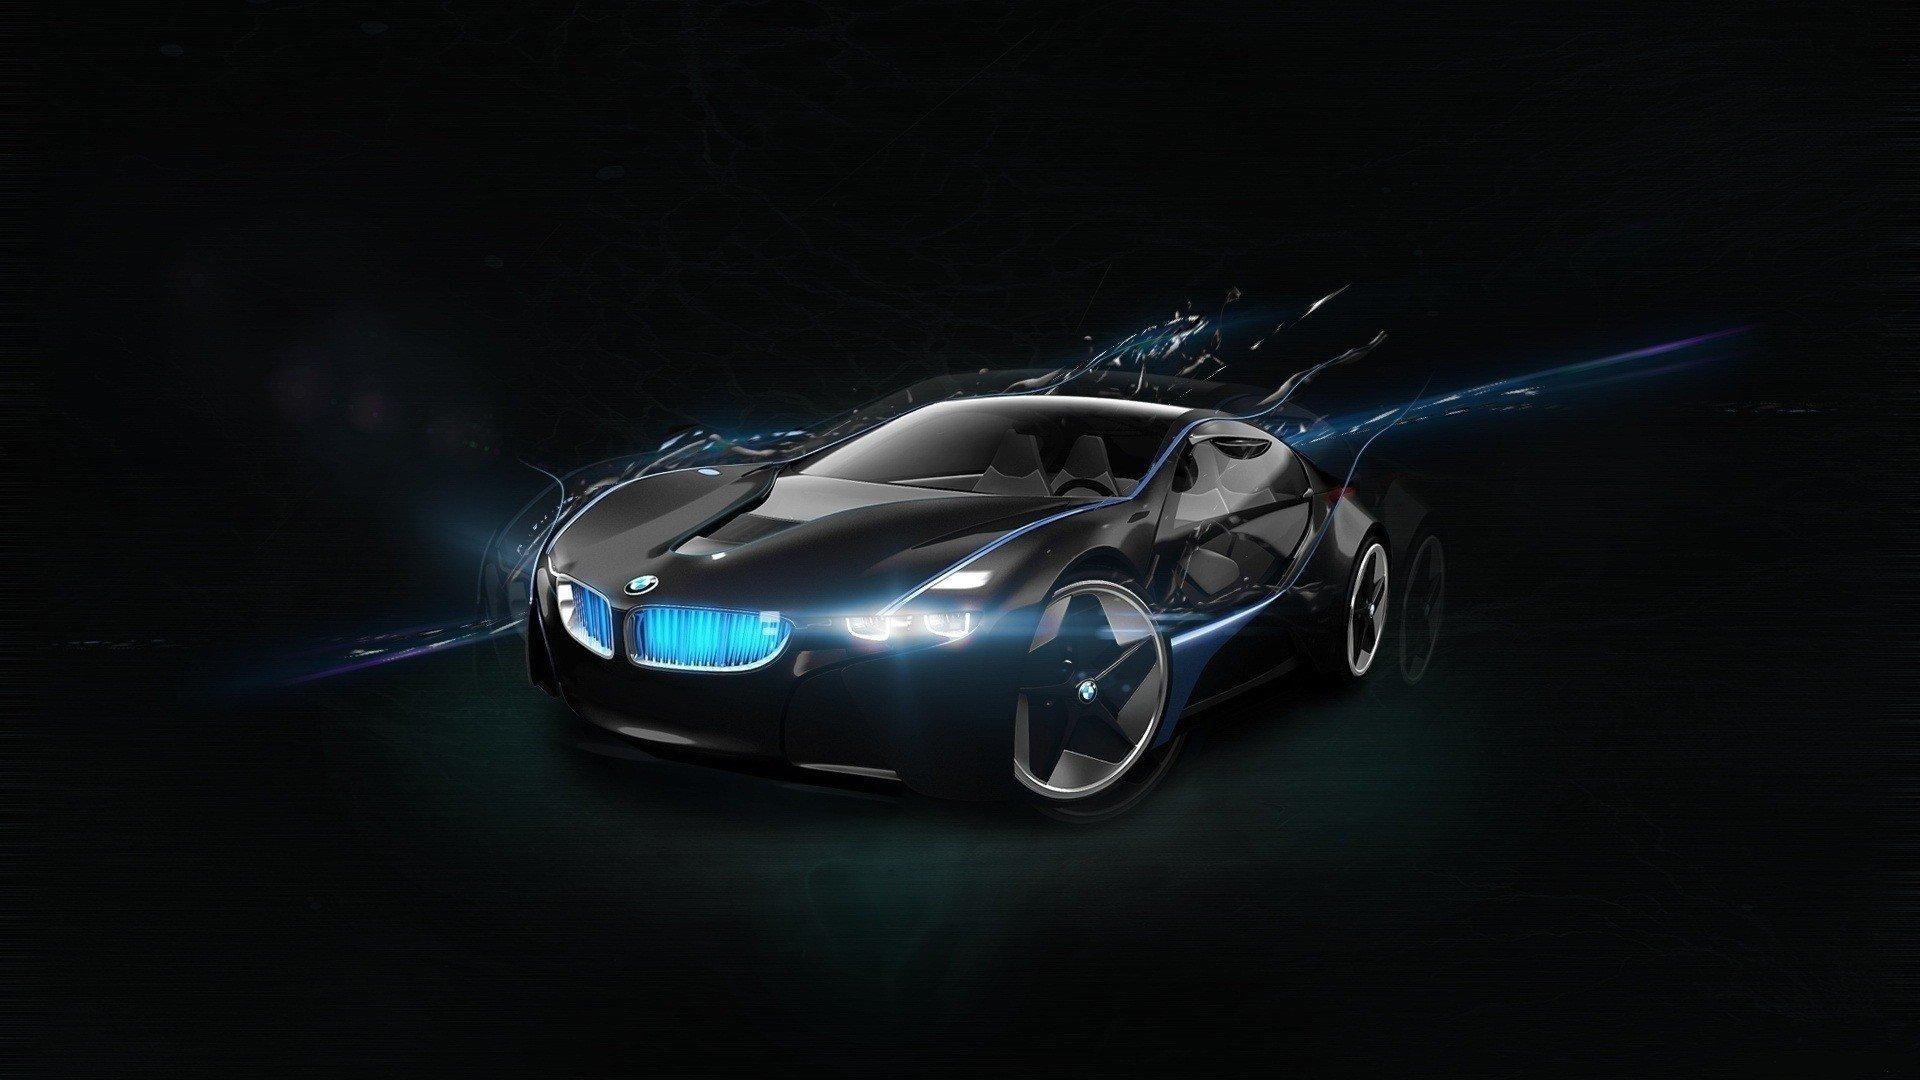 Fondo de pantalla de BMW vision Imágenes